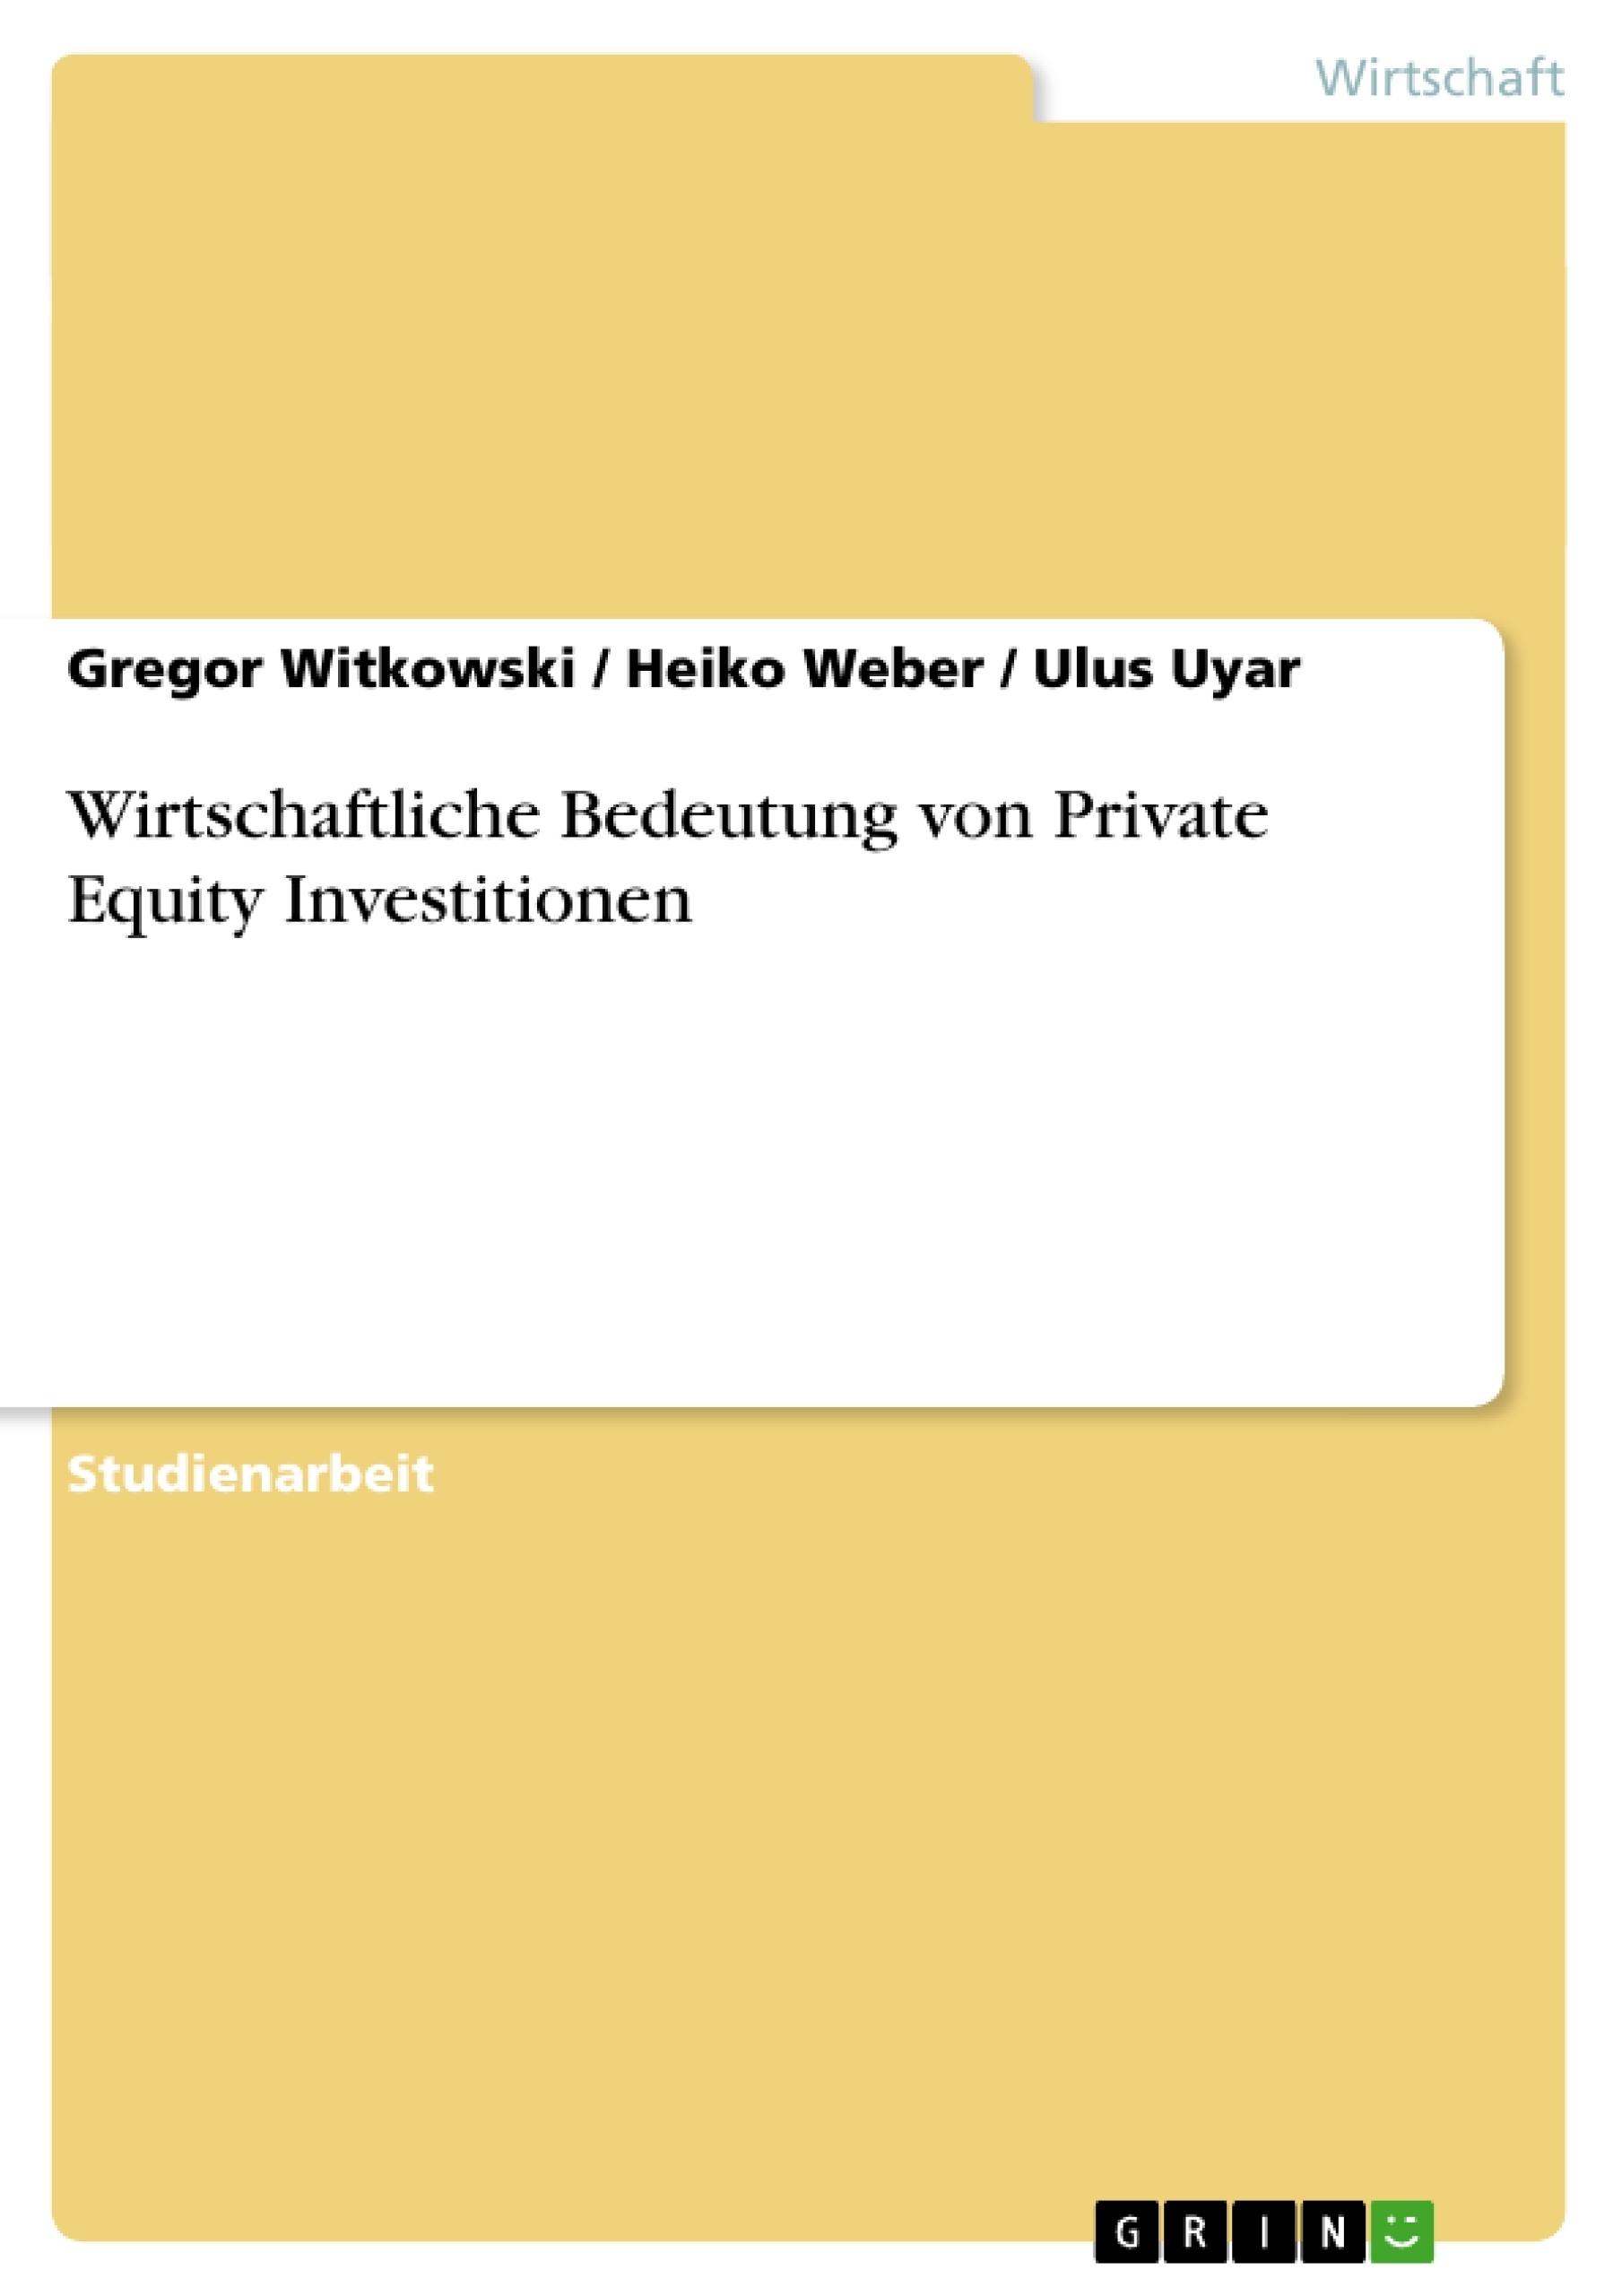 Titel: Wirtschaftliche Bedeutung von Private Equity Investitionen